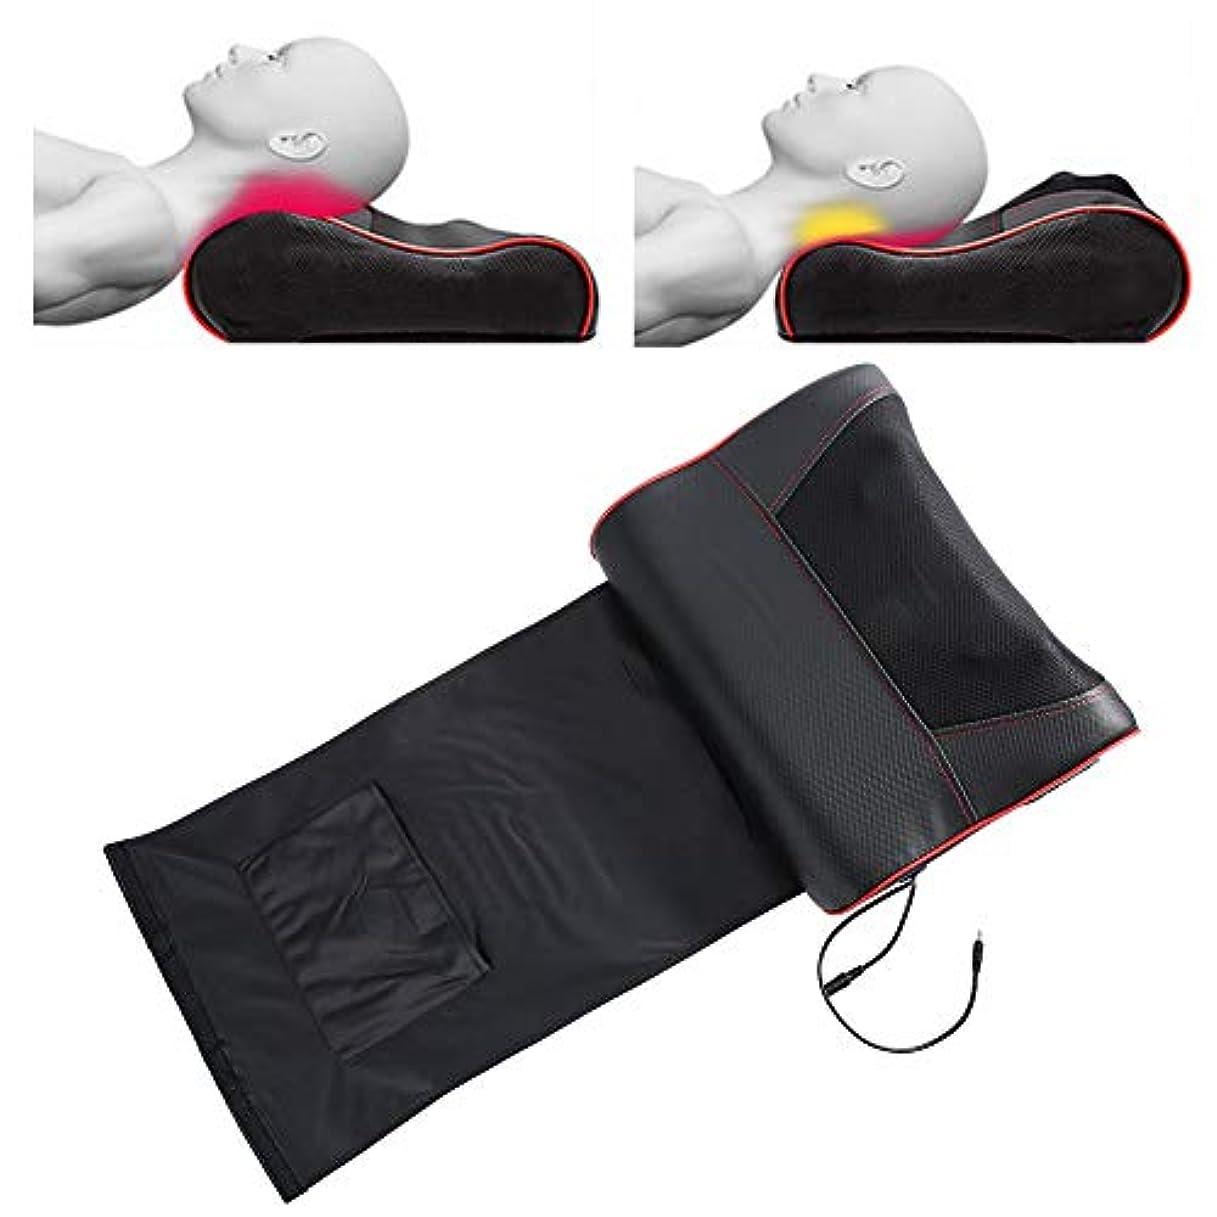 建築ホーム上院議員頸部マッサージ枕、多機能マッサージ枕、灸ホットコンプレックスネックウエストショルダーマッサージ用全身筋肉痛(US-Plug)